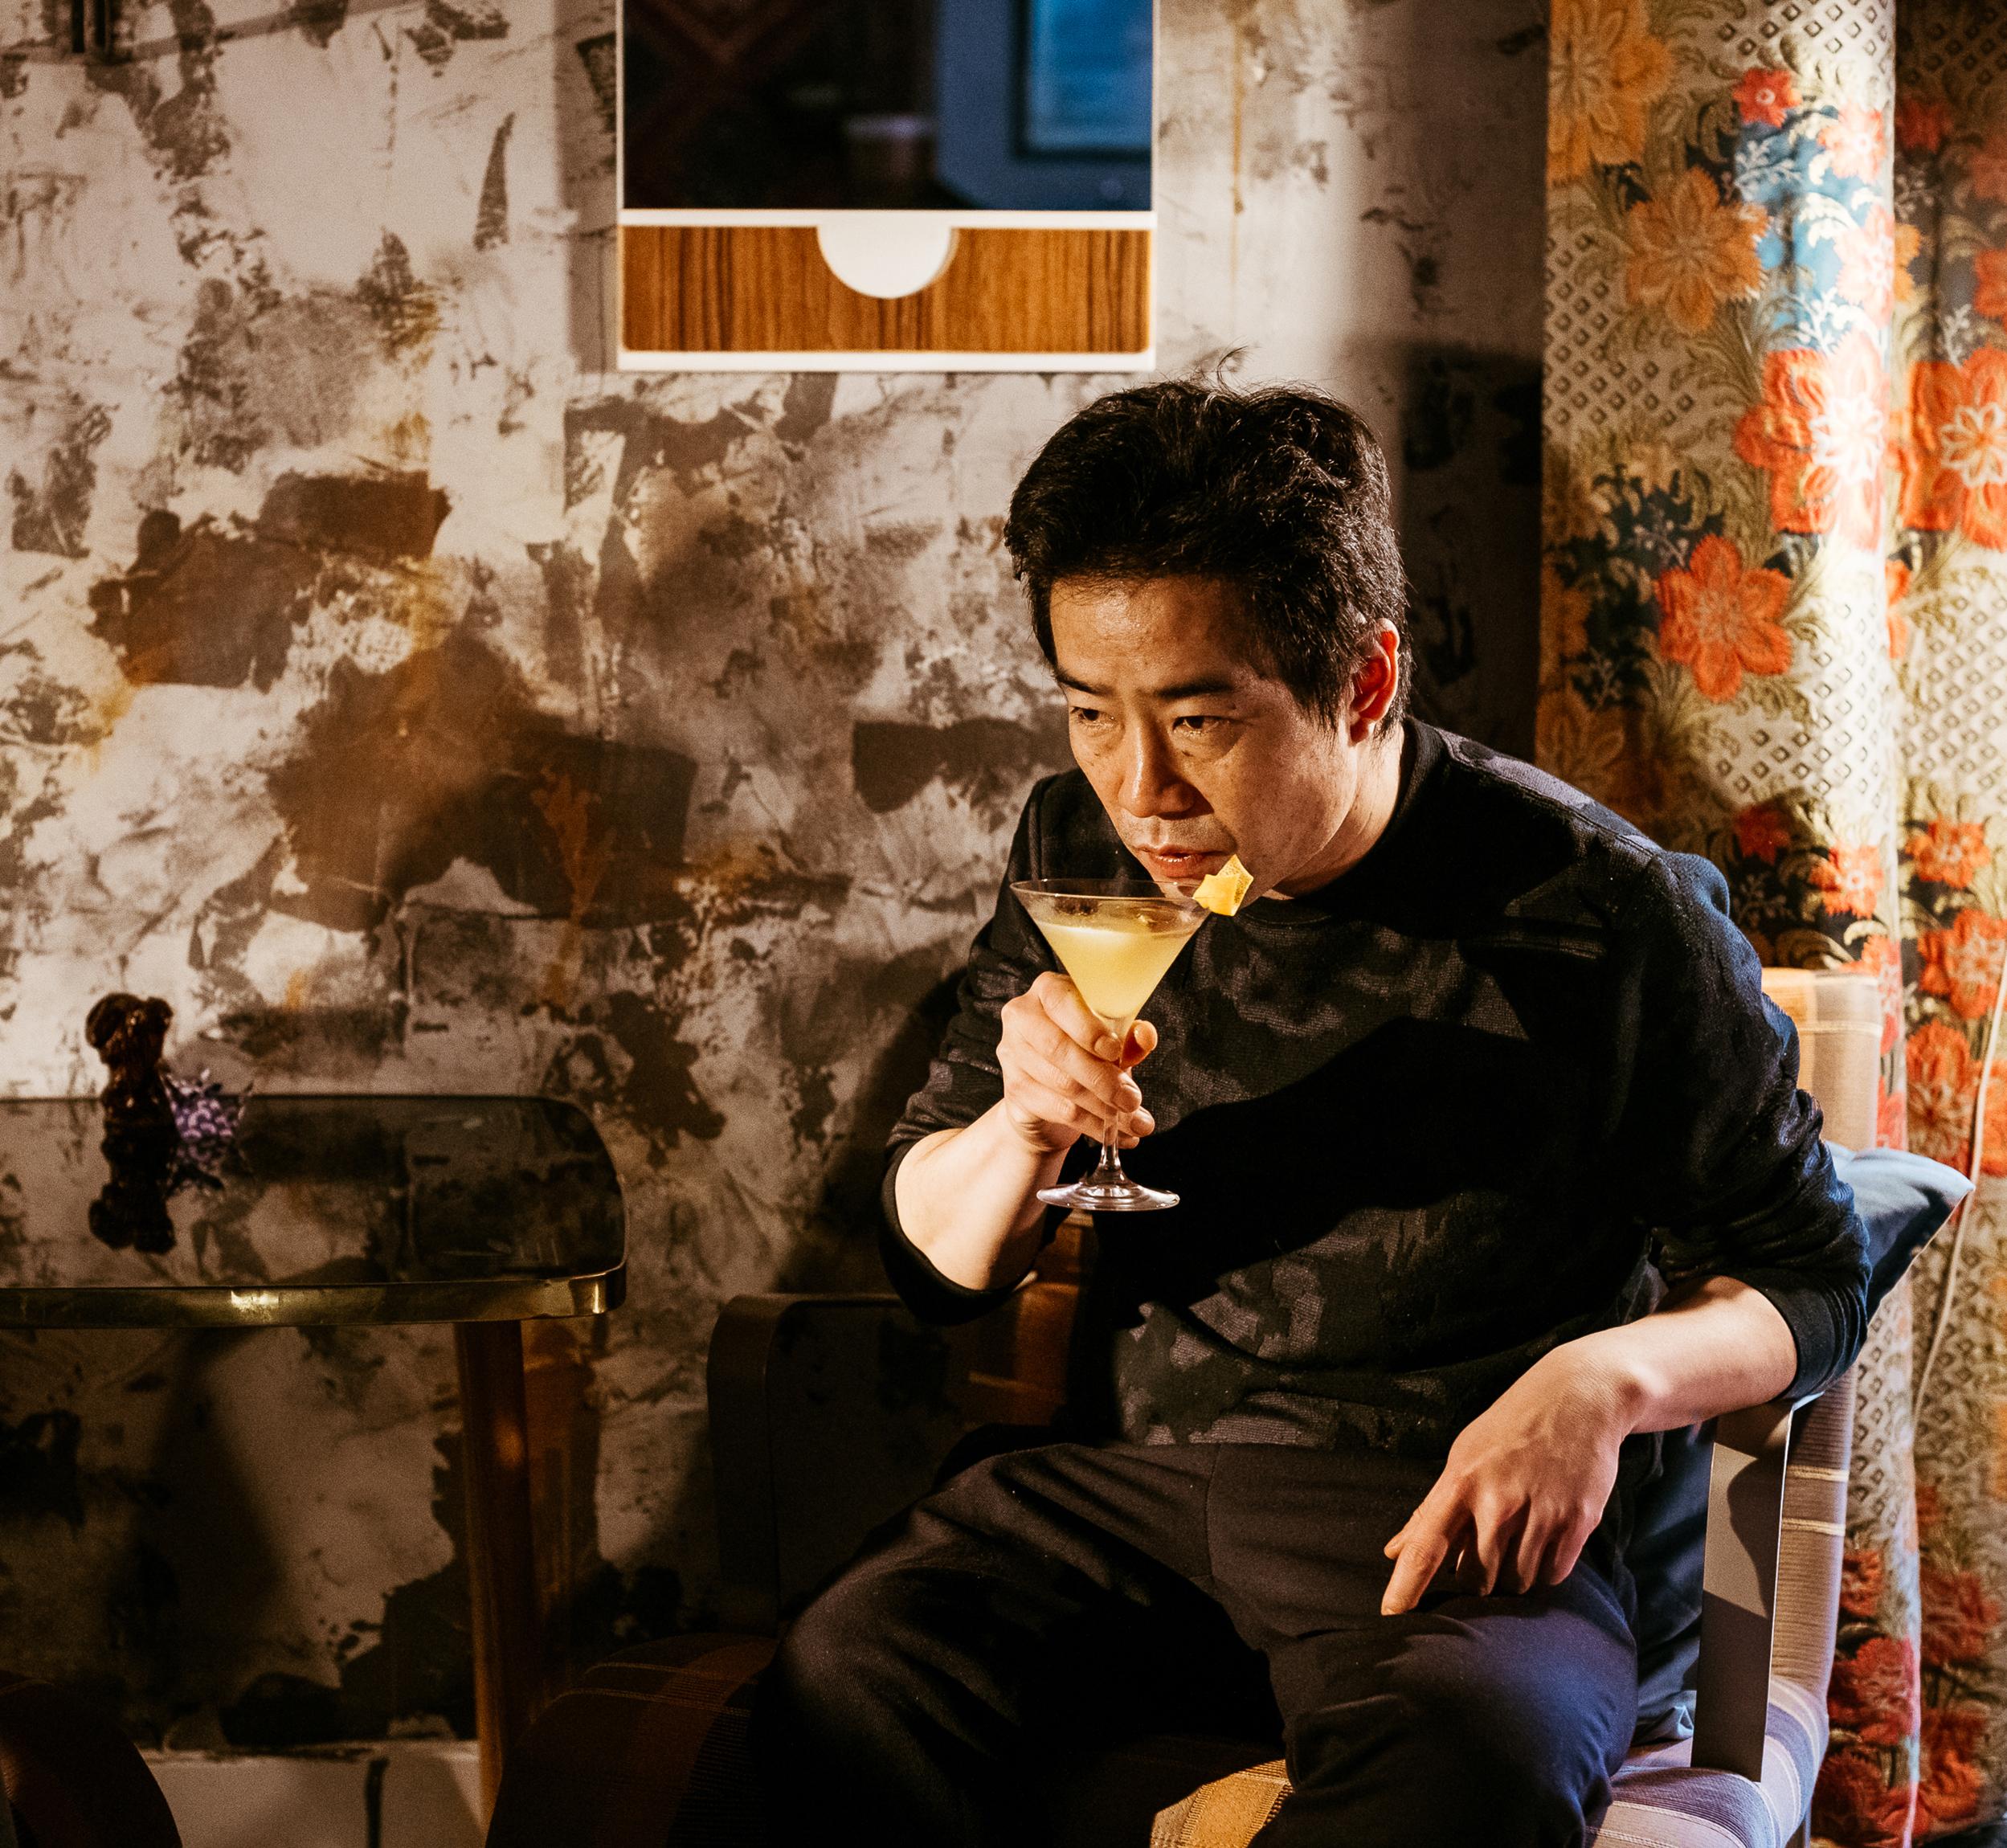 kreatywny fotograf kulinarny, fotograf jedzenia, fotograf dań, fotograf restauracji, professional and creative food photographer warsaw, stylista kulinarny warszawa, NPA Photography